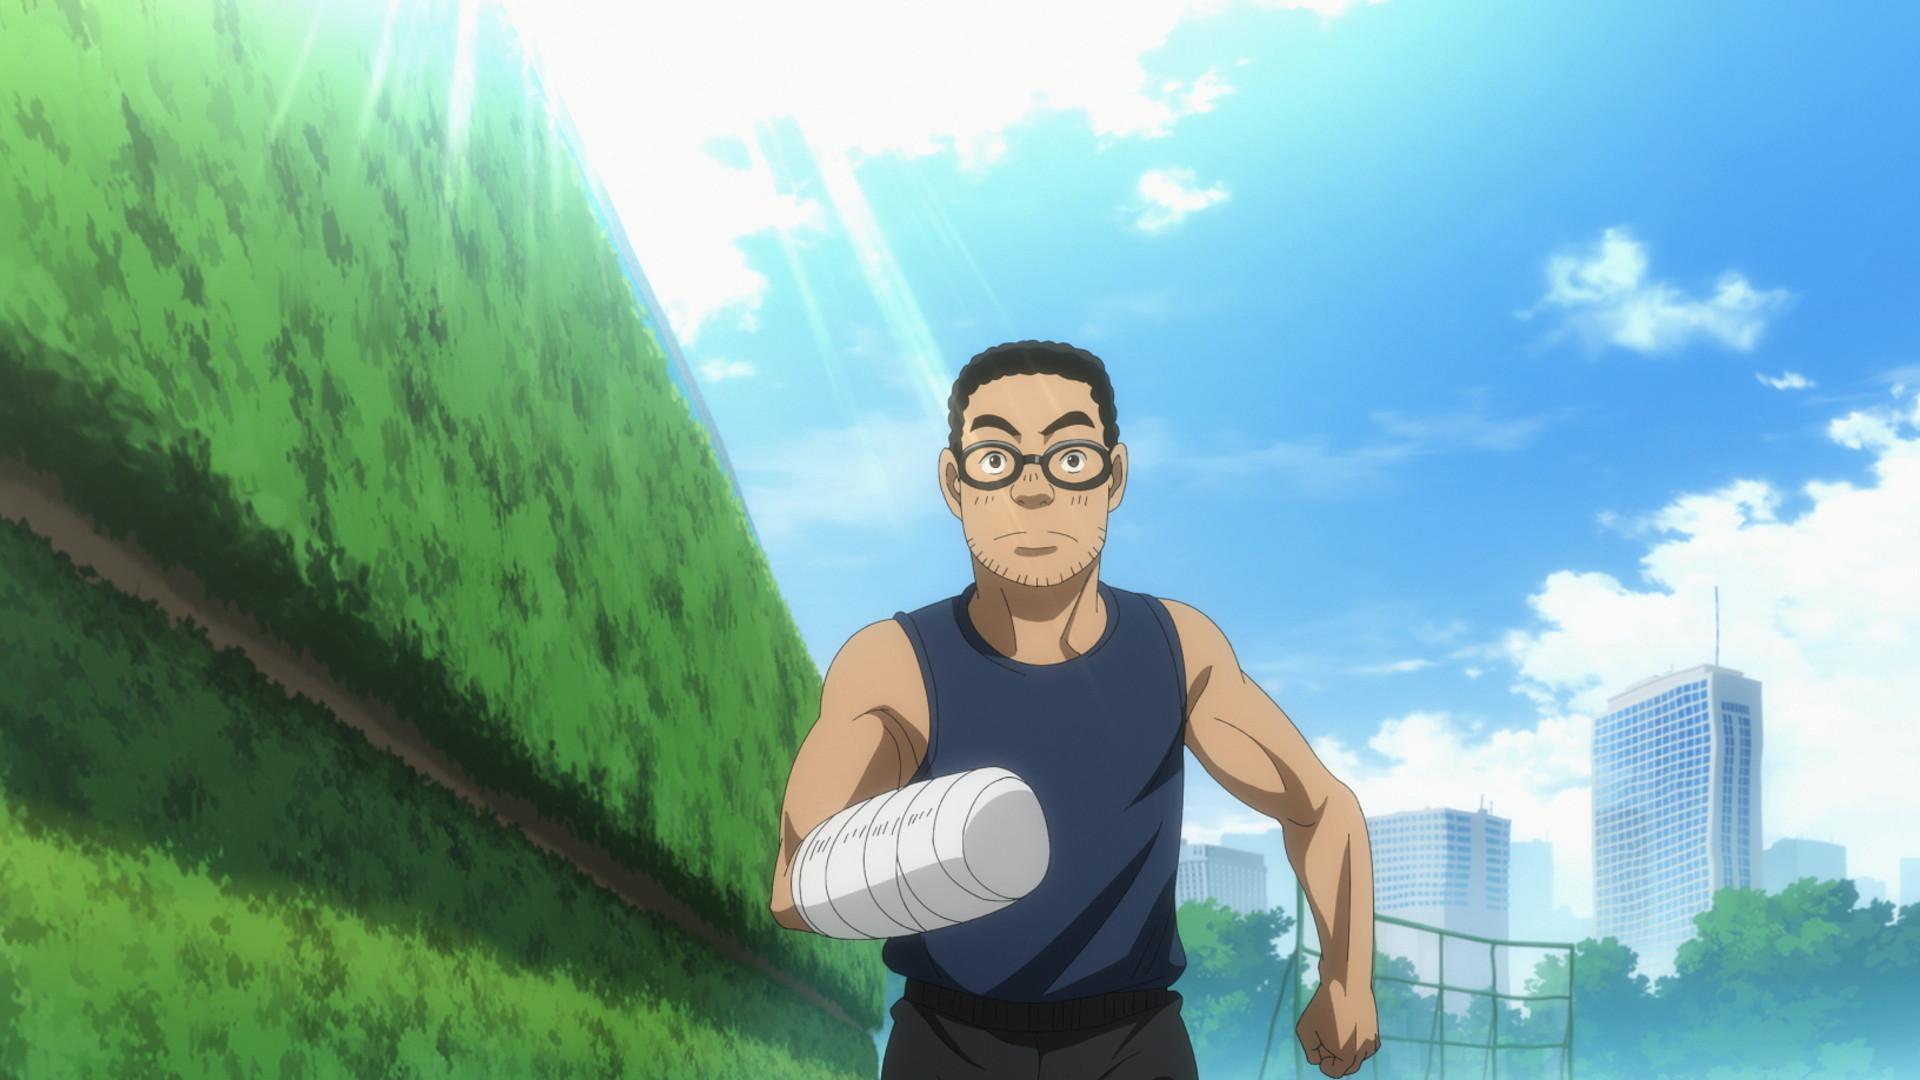 週刊『モーニング』で連載中の『グラゼニ』がアニメ化! 「BSスカパー!」オリジナル連続アニメとして2018年放送決定!-2